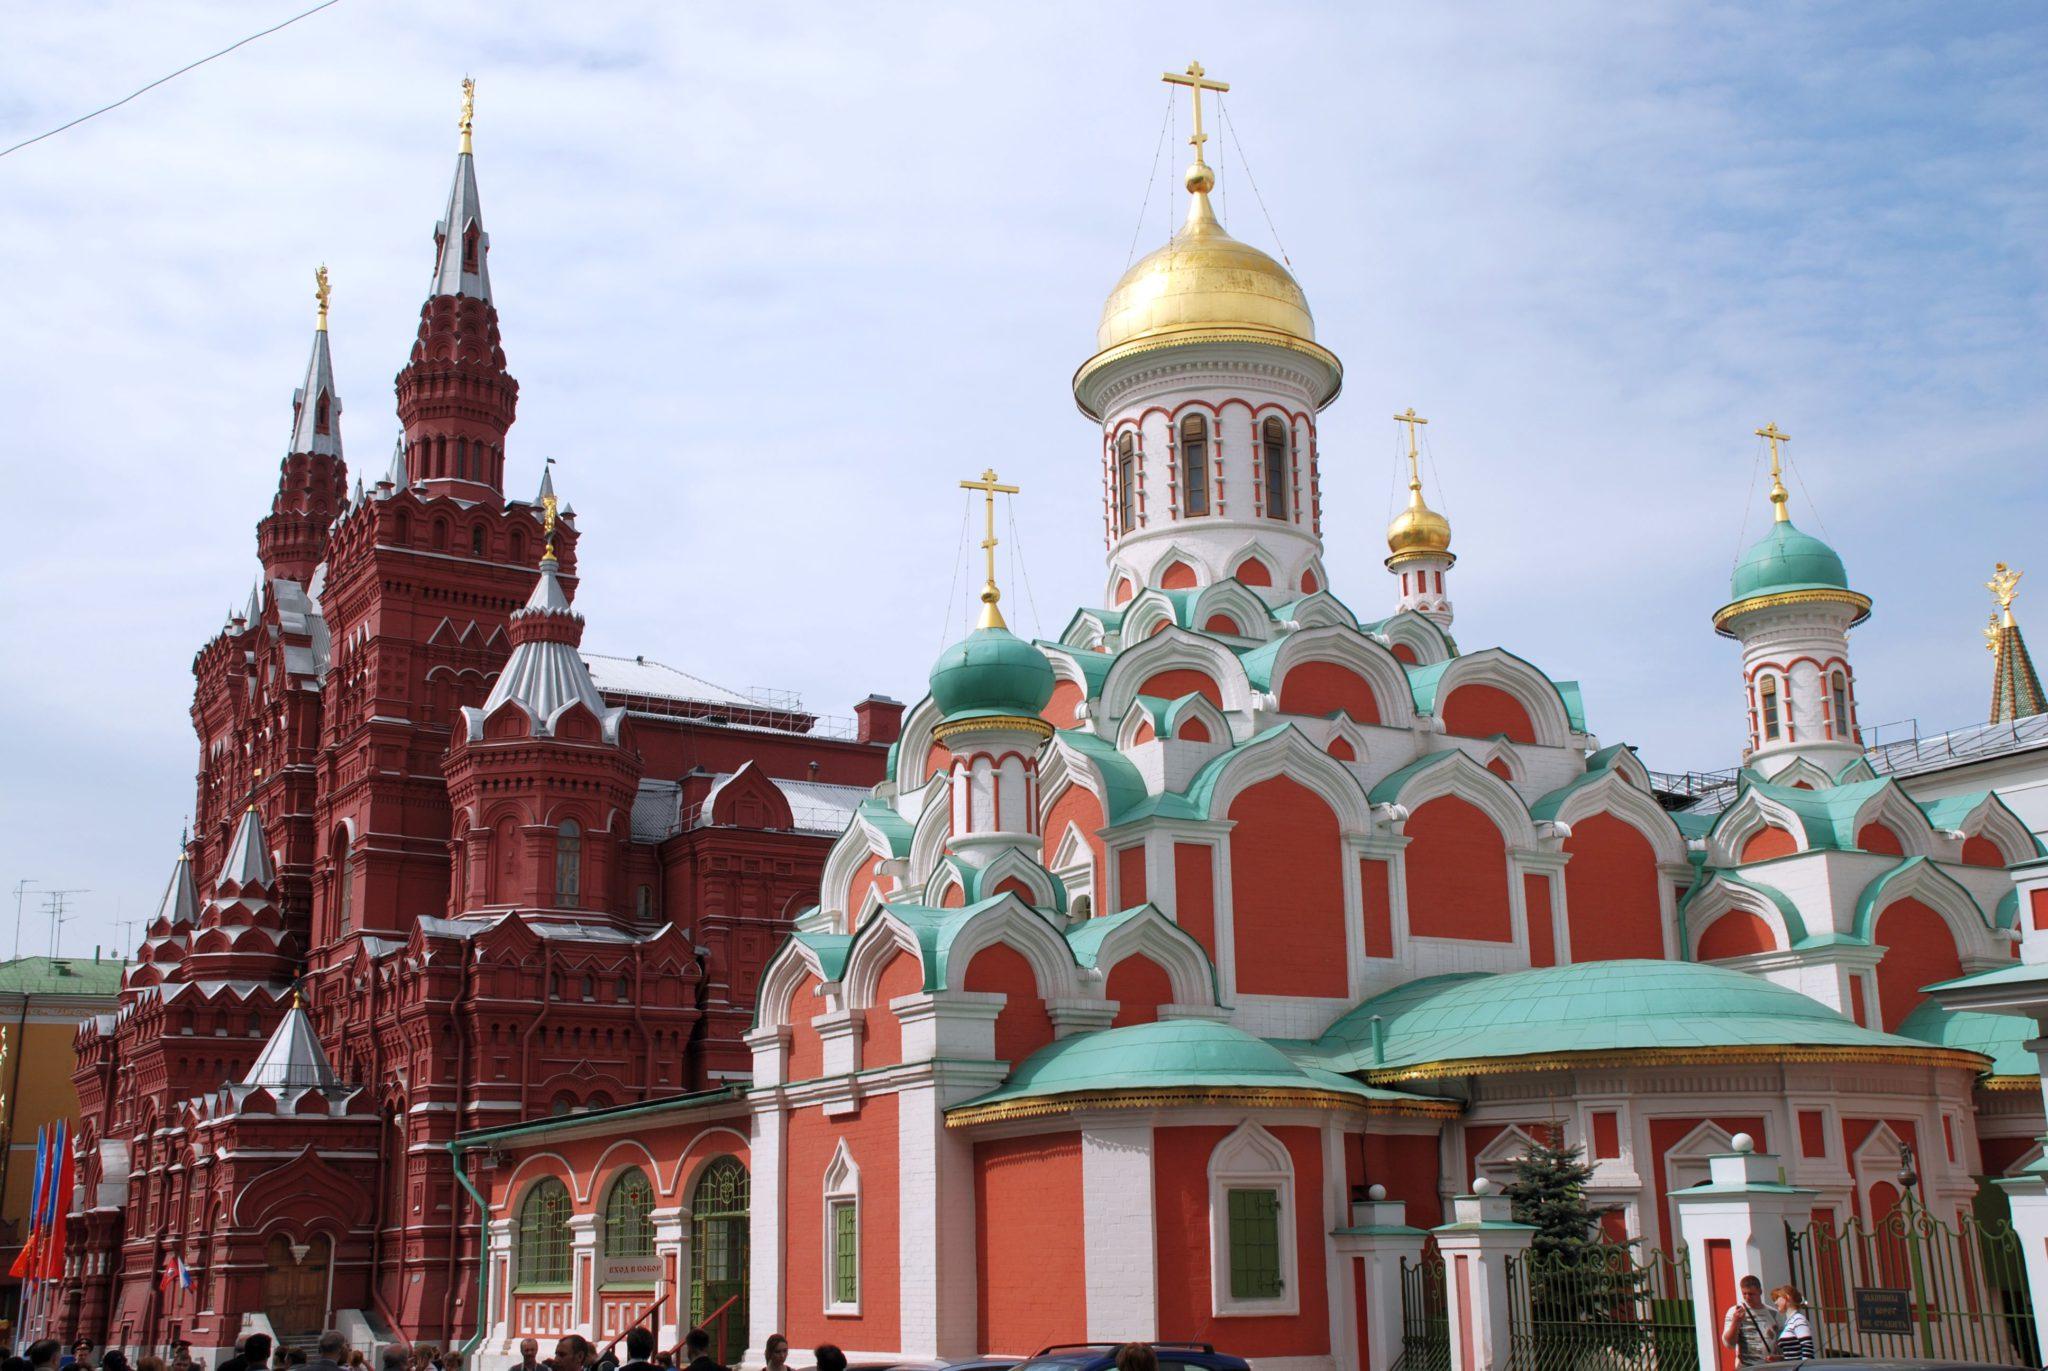 Oroszország bitcoin ellenes politikája a végét járja